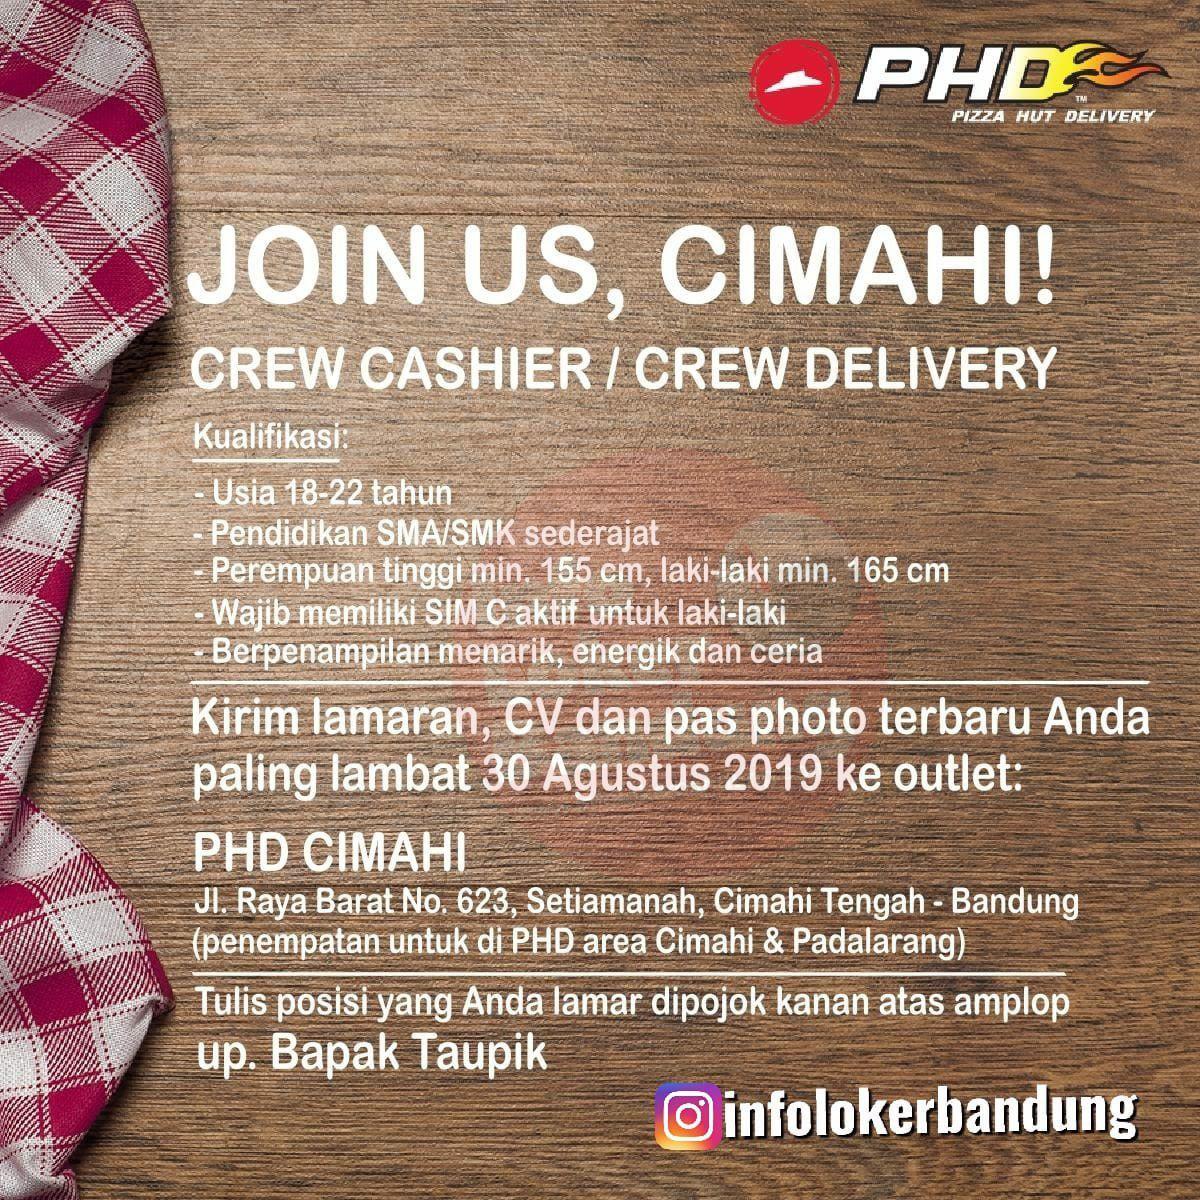 Lowongan Kerja Pizza Hut Delivery (PHD) Cimahi Agustus 2019